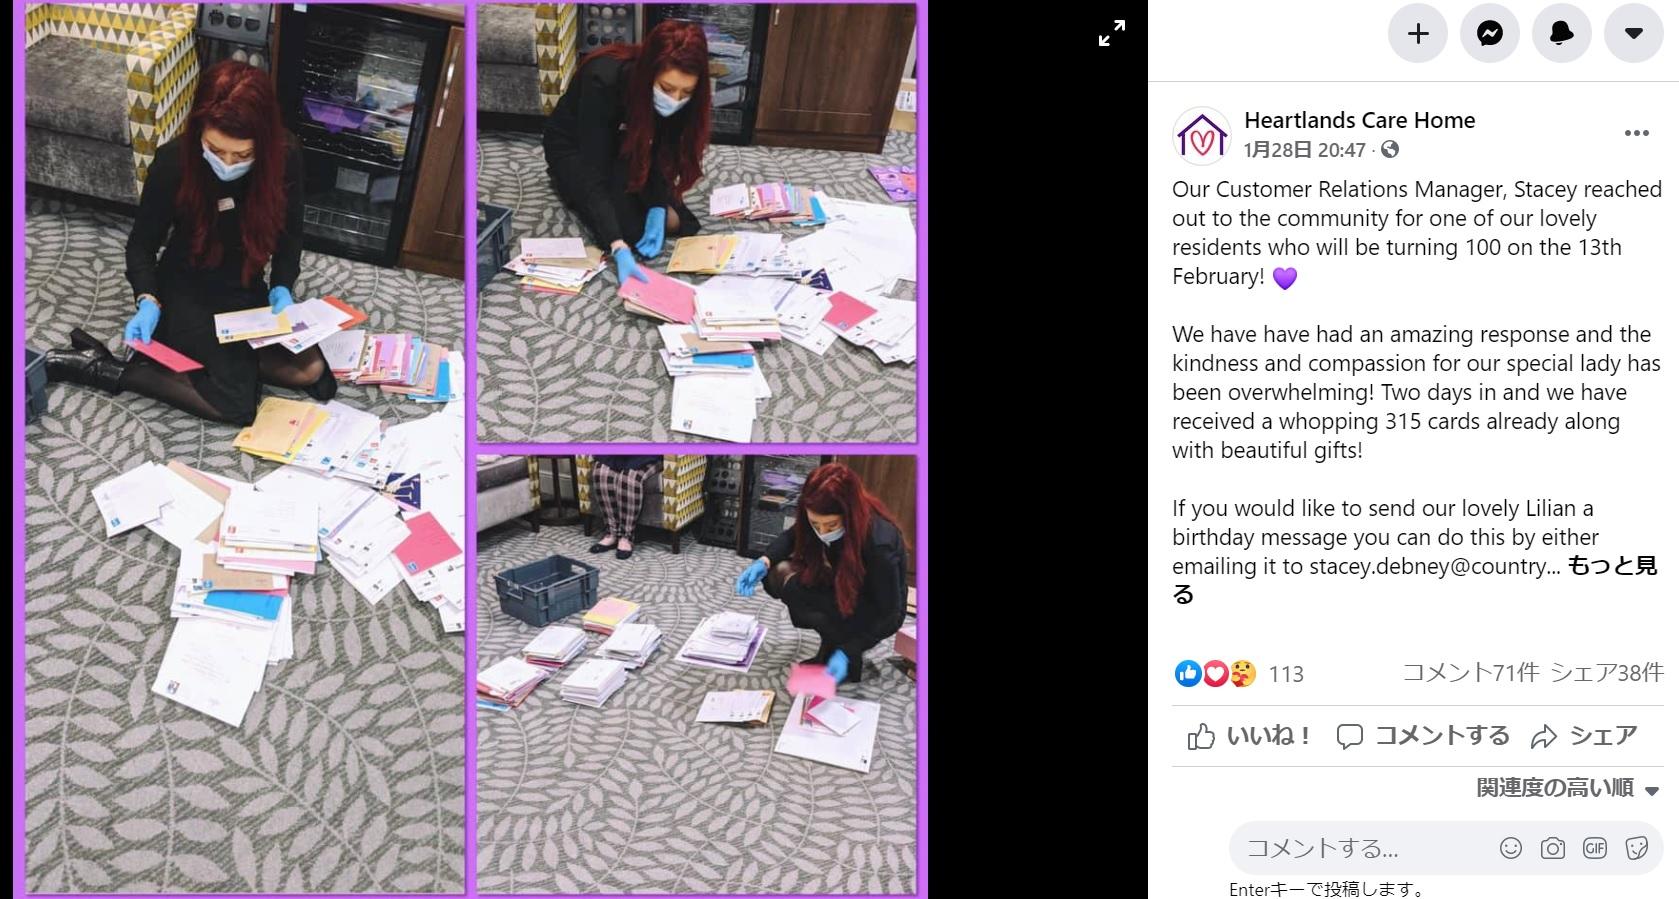 誕生日の2週間以上も前から300通を超える手紙とプレゼントが届いていた(画像は『Heartlands Care Home 2021年1月28日付Facebook「Our Customer Relations Manager, Stacey reached out to the community for one of our lovely residents who will be turning 100 on the 13th February!」』のスクリーンショット)